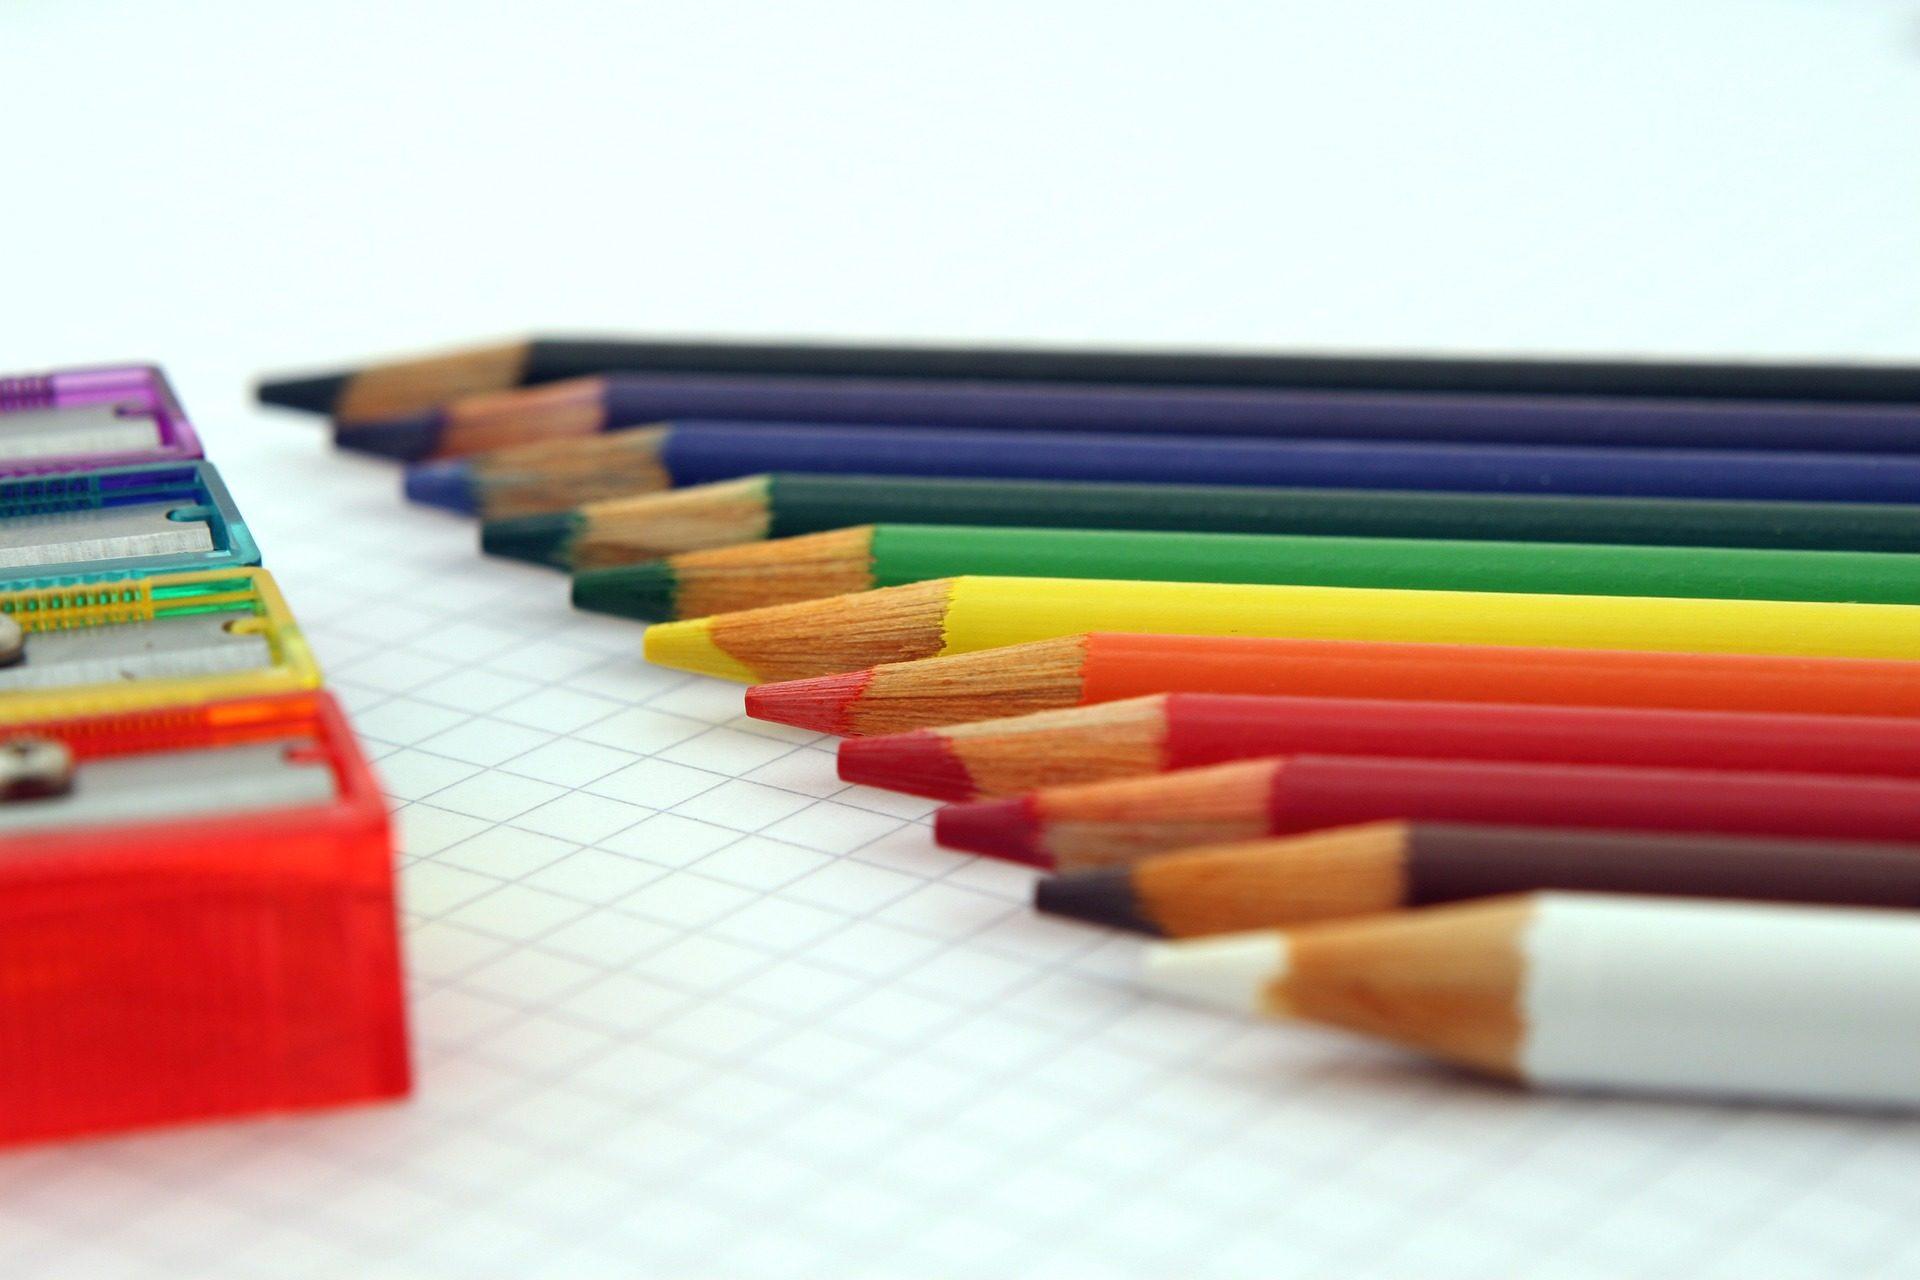 鉛筆, 色, 鉛筆削り, カラフルです, アドレス帳, ヒント - HD の壁紙 - 教授-falken.com